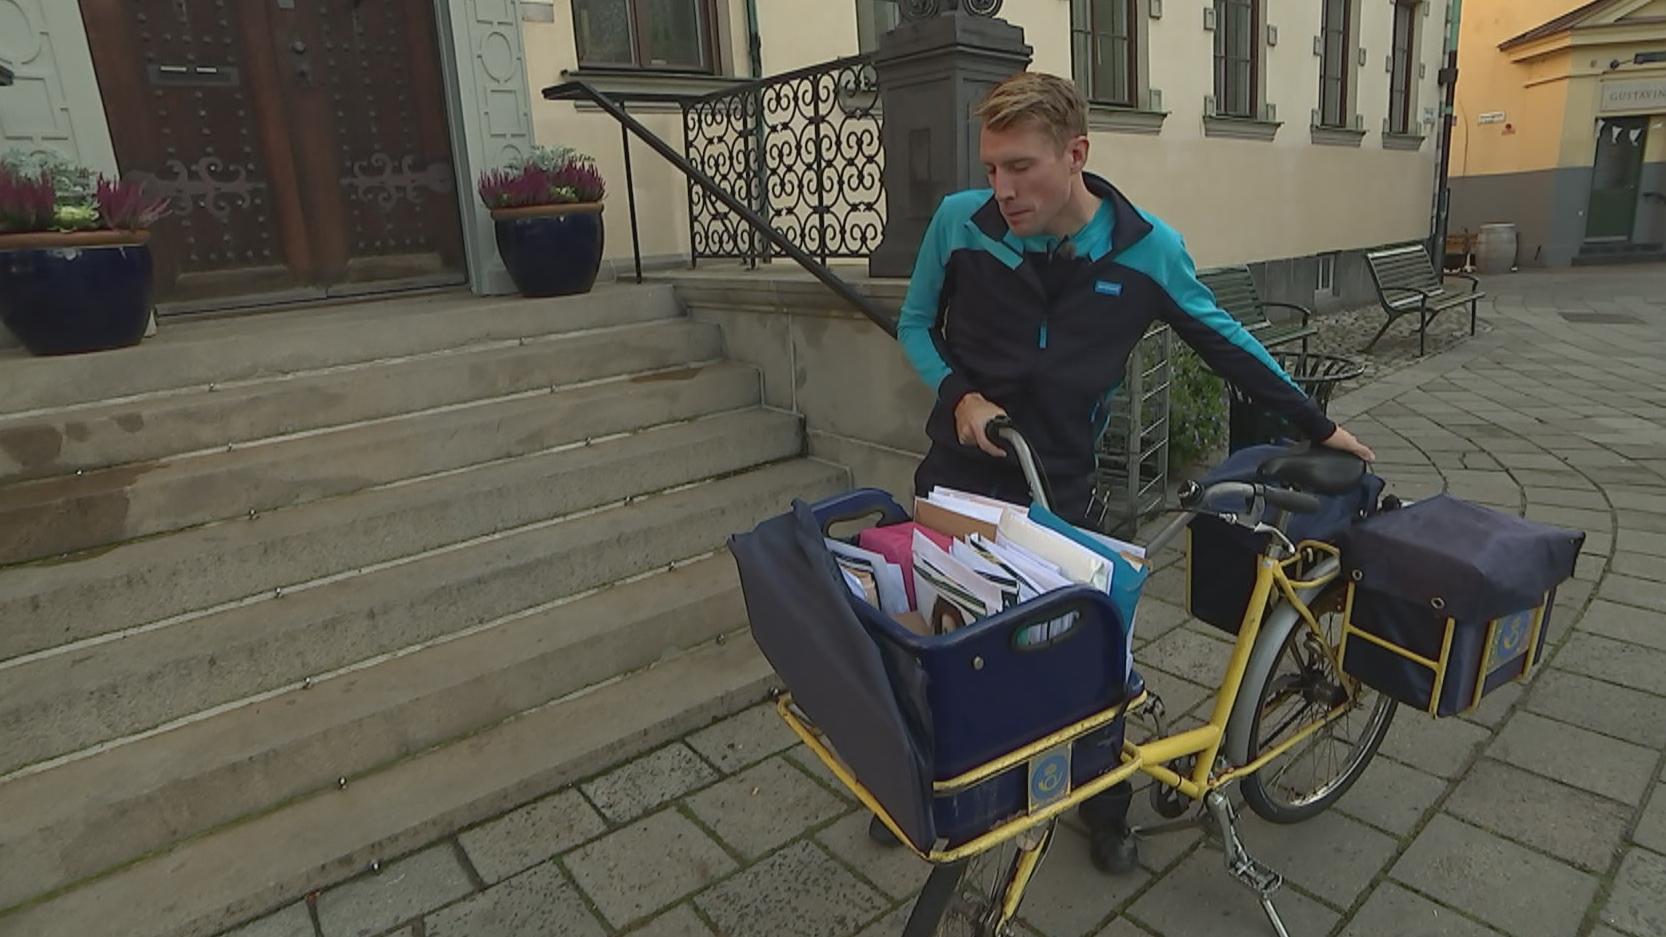 Svensk postbud på arbejde i Malmø